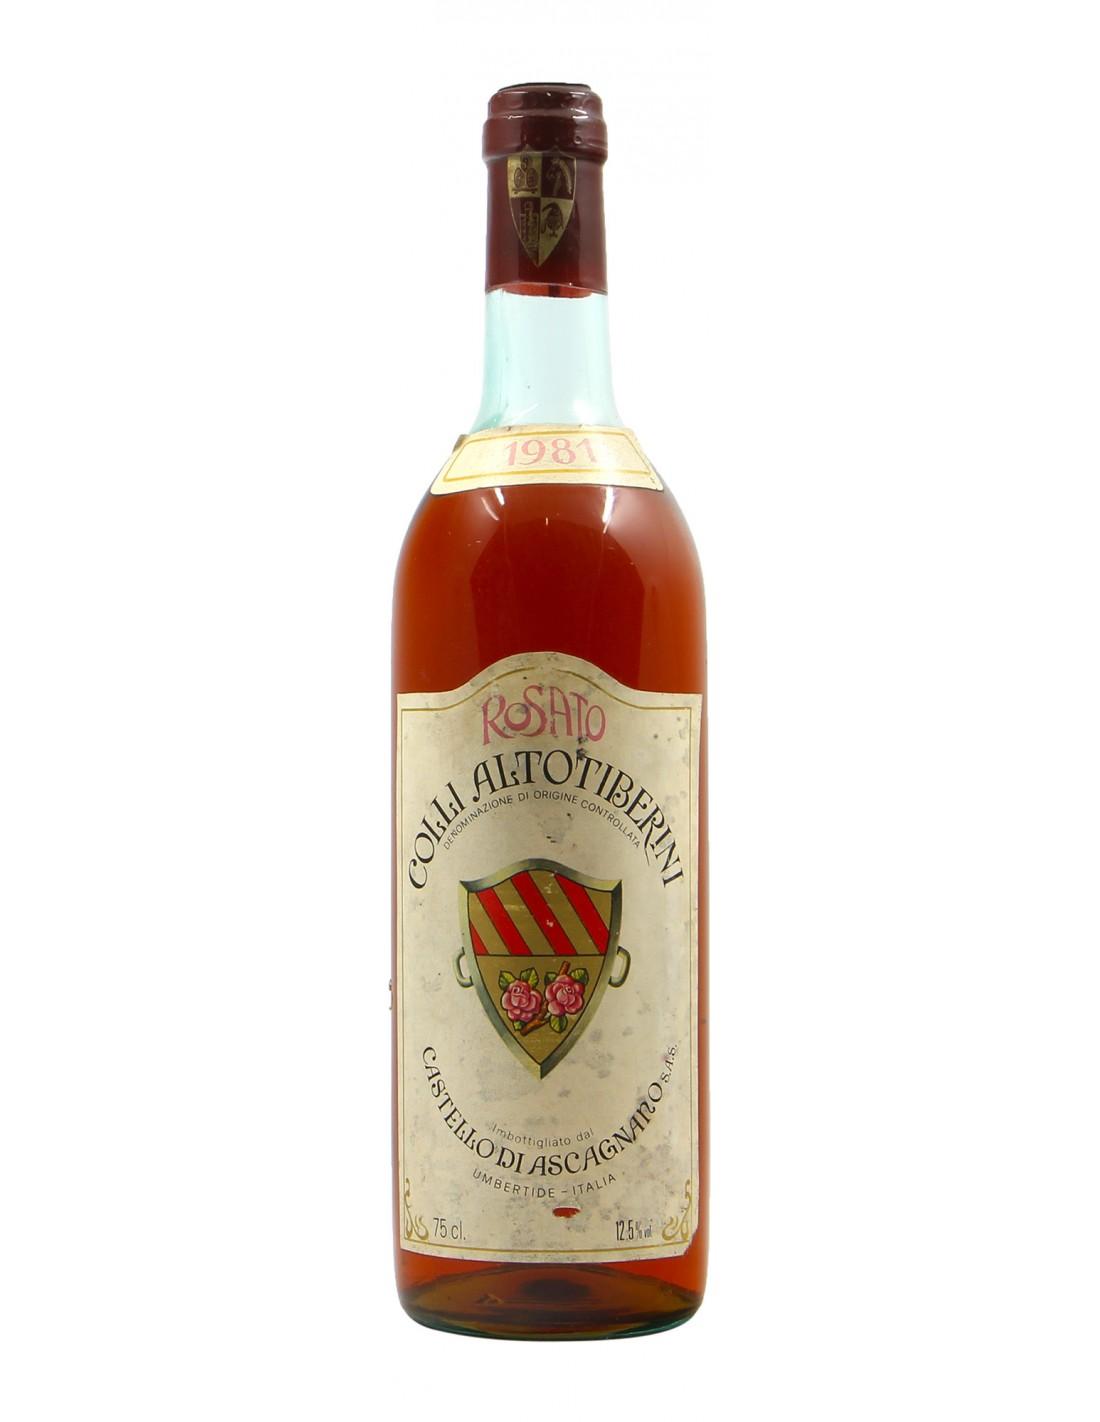 ROSATO COLLI ALTOTIBERINI 1981 CASTELLO DI ASCAGNANO Grandi Bottiglie